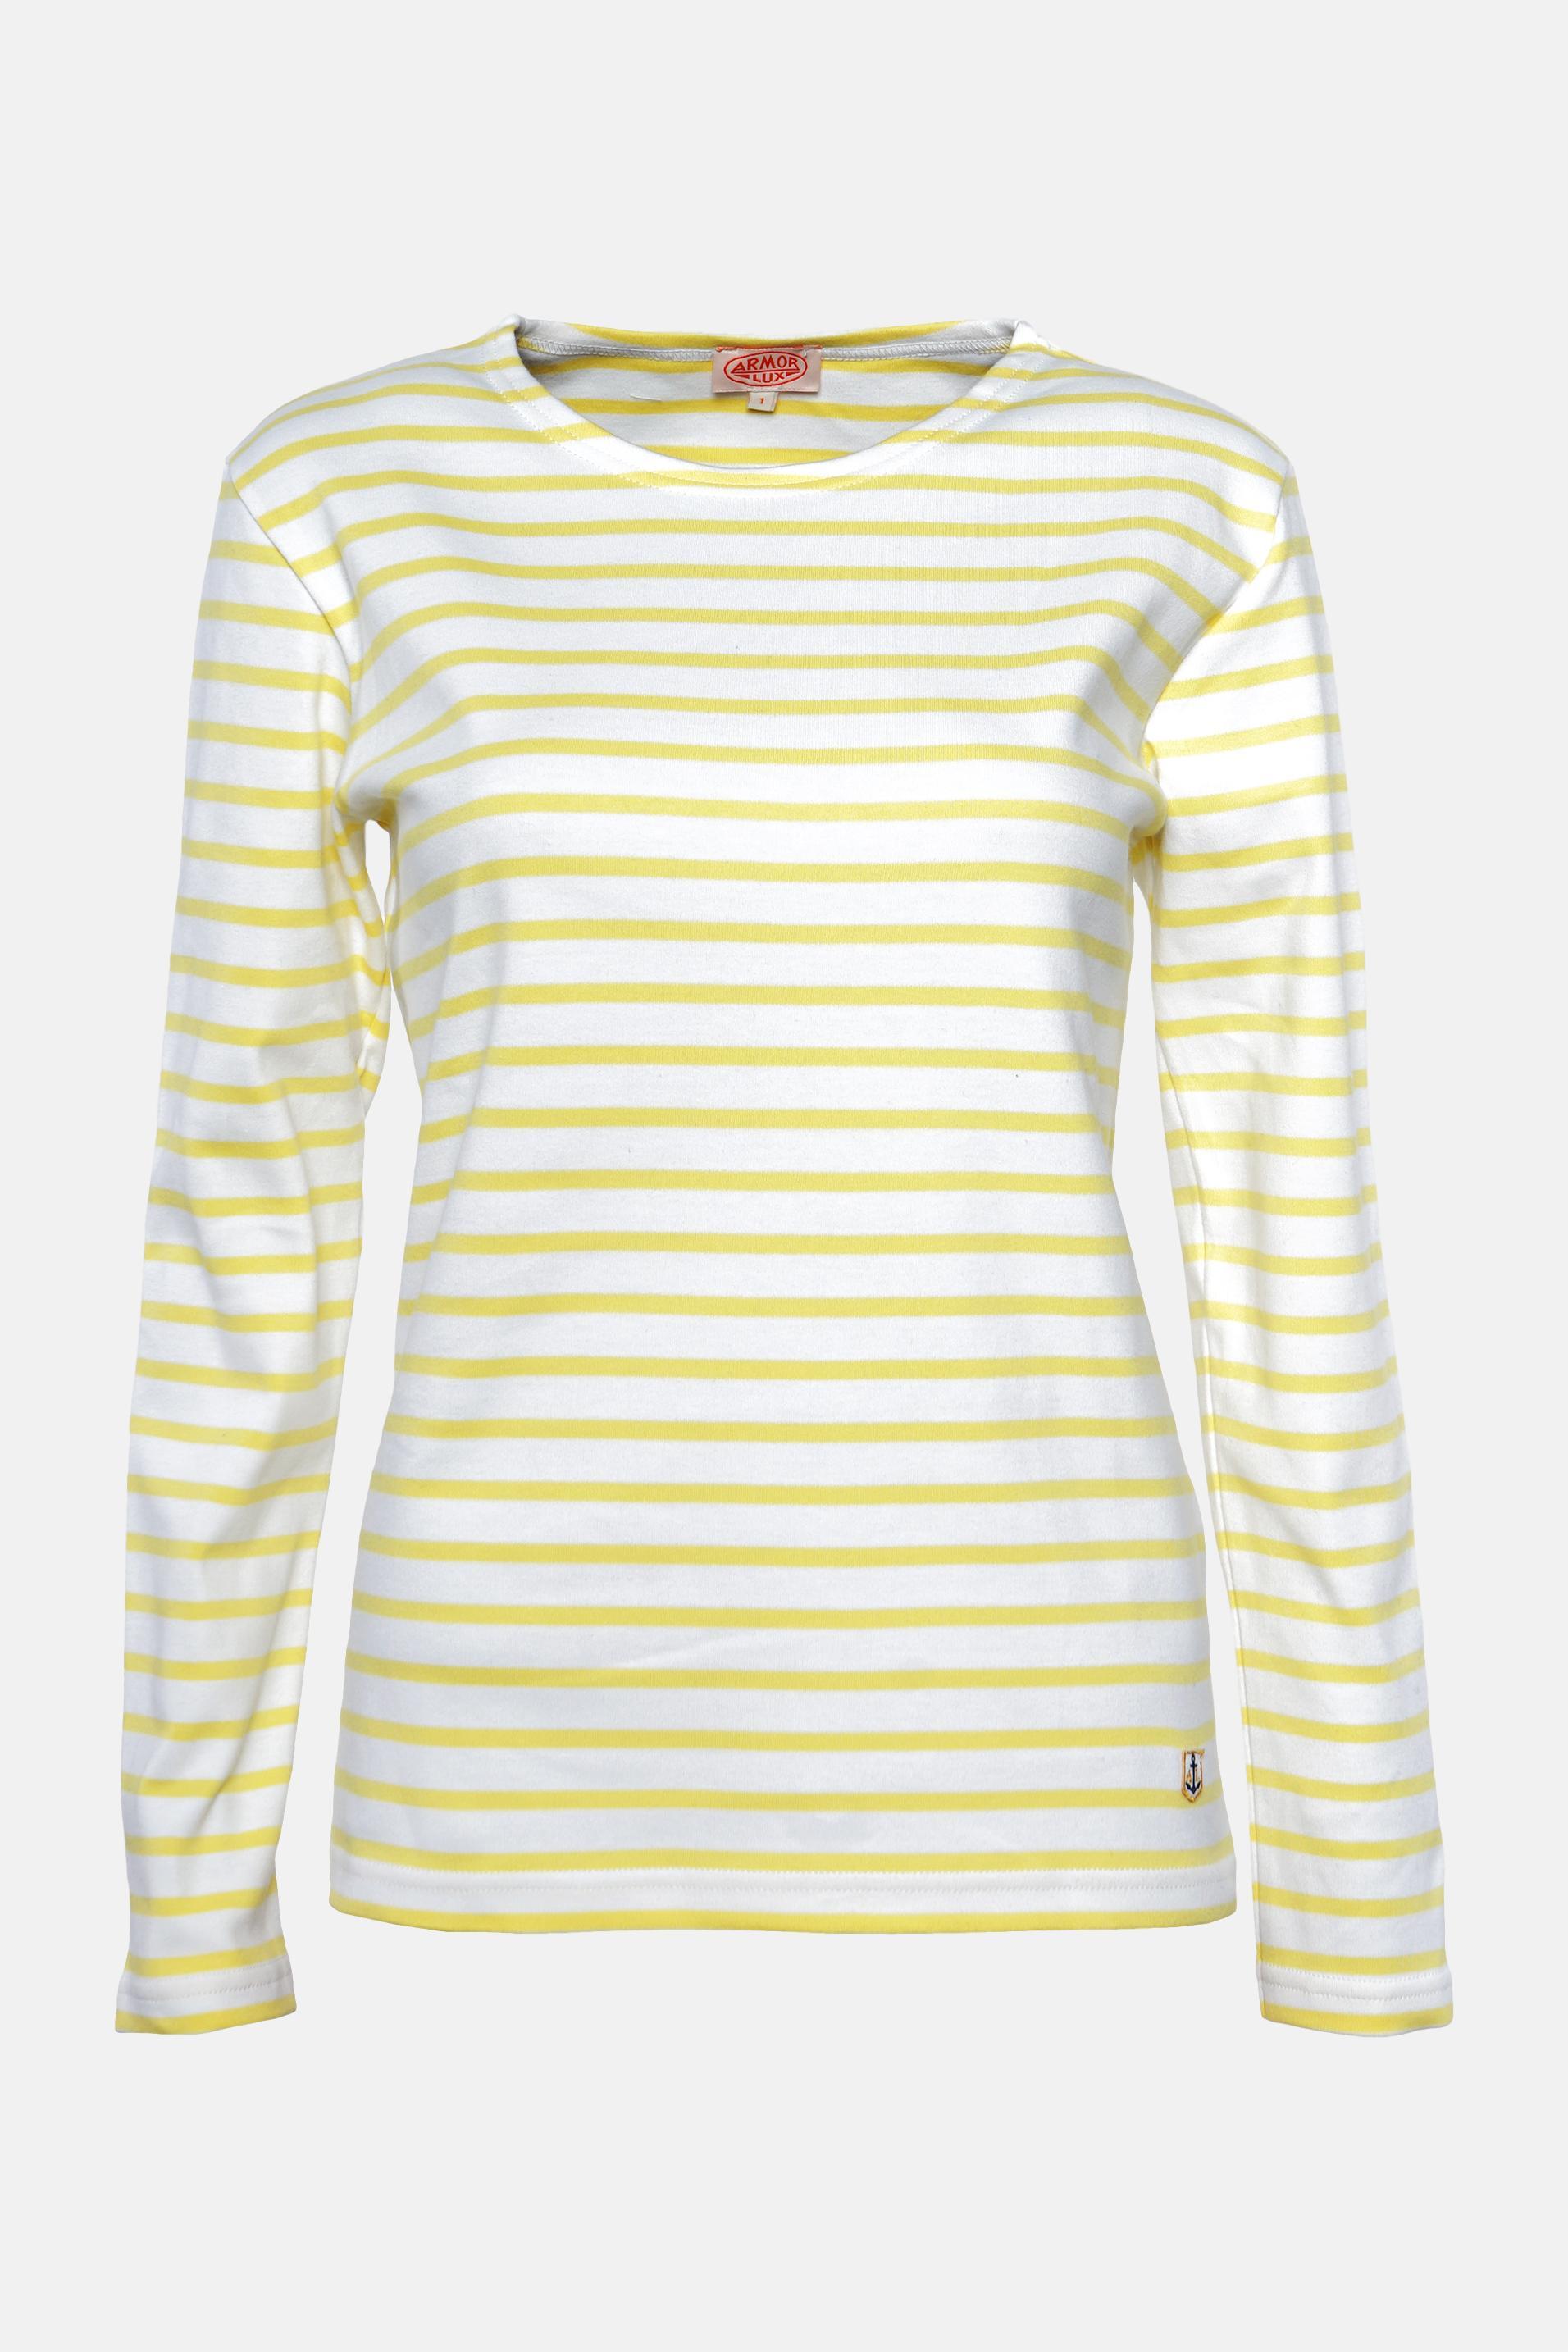 a23cbbfcf97758 Streifenshirts - Damen - Shop